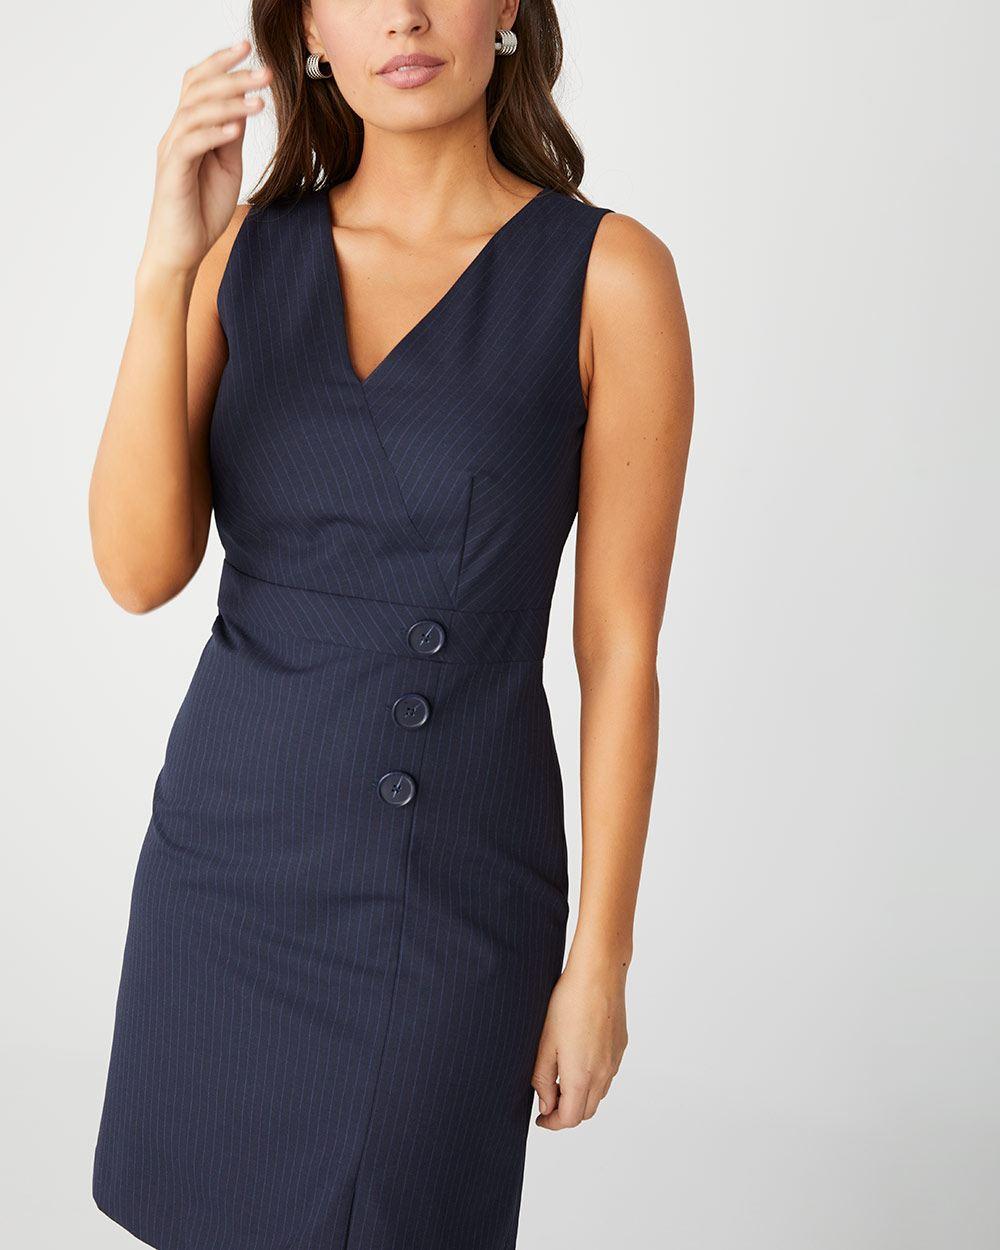 95724a8d1d Pinstripe sleeveless dress with buttons